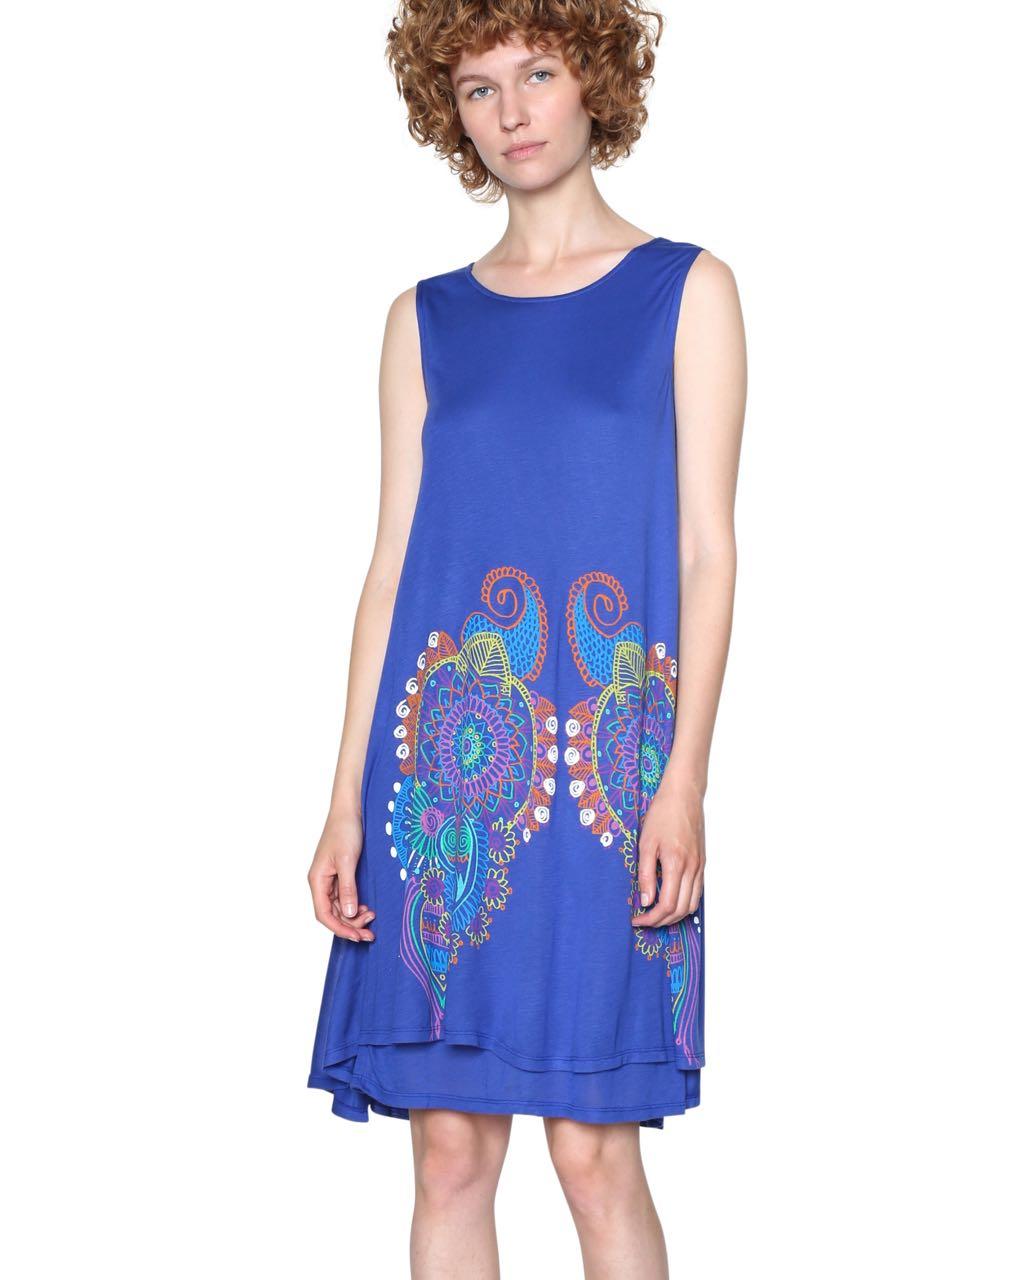 18SWVKAA_5202 Desigual Blue Dress Erica Buy Online